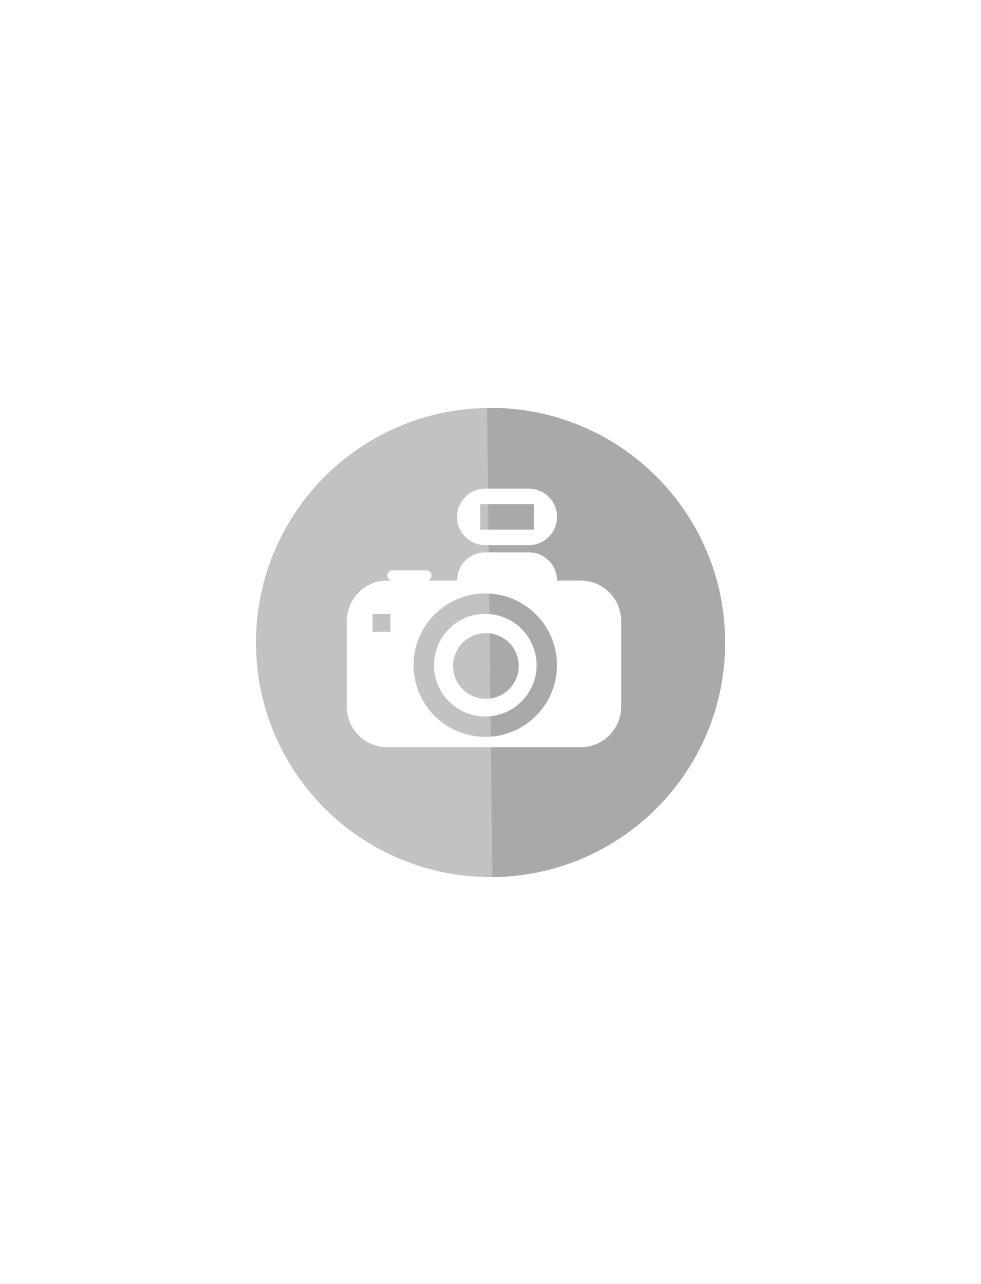 30822164_sparepart/TX RC 2 4 GHZ